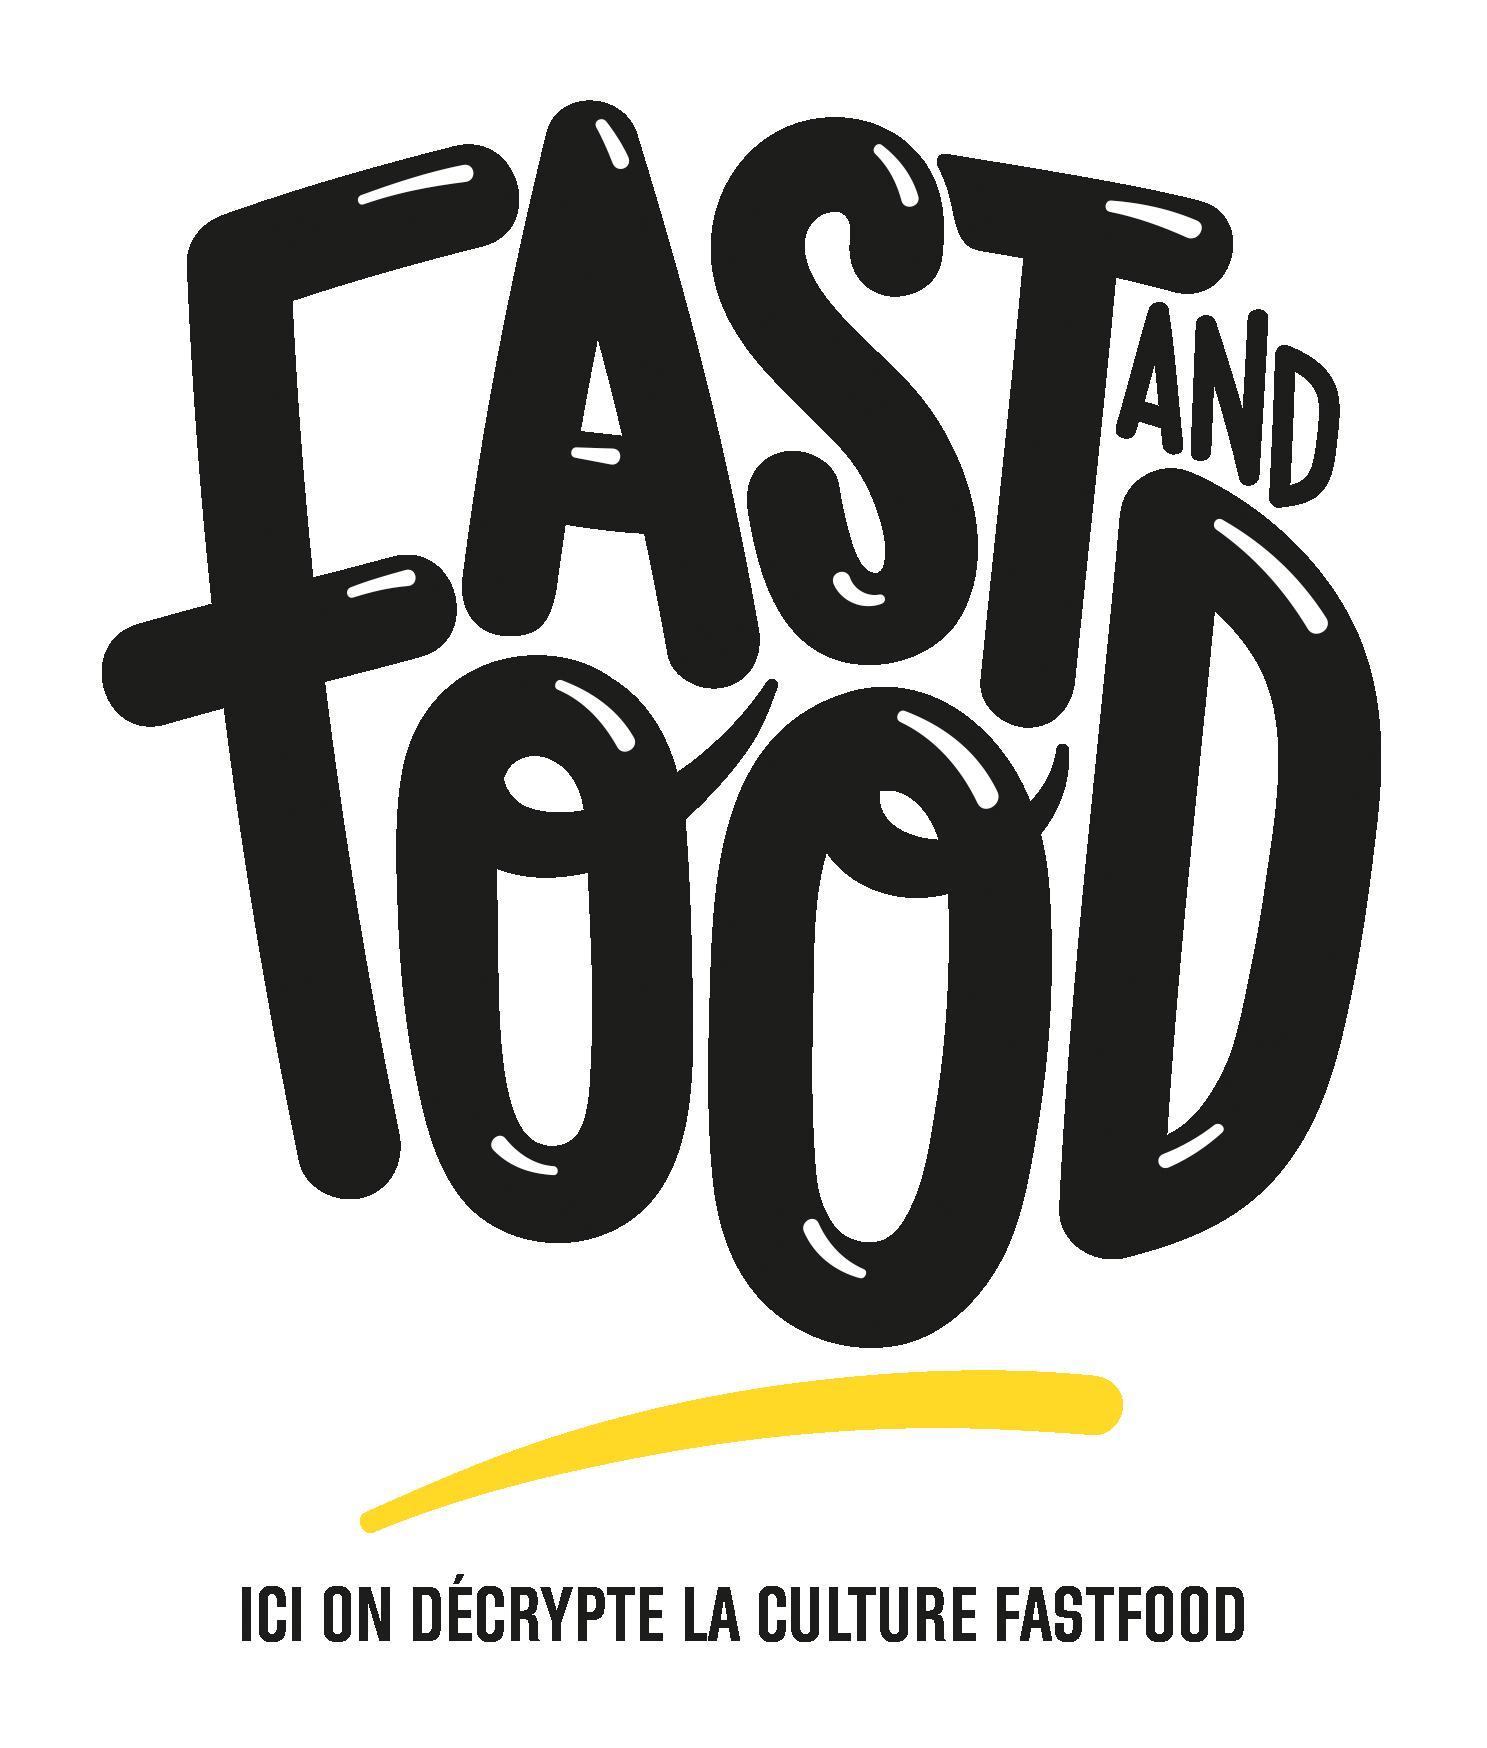 FASTANDFOOD